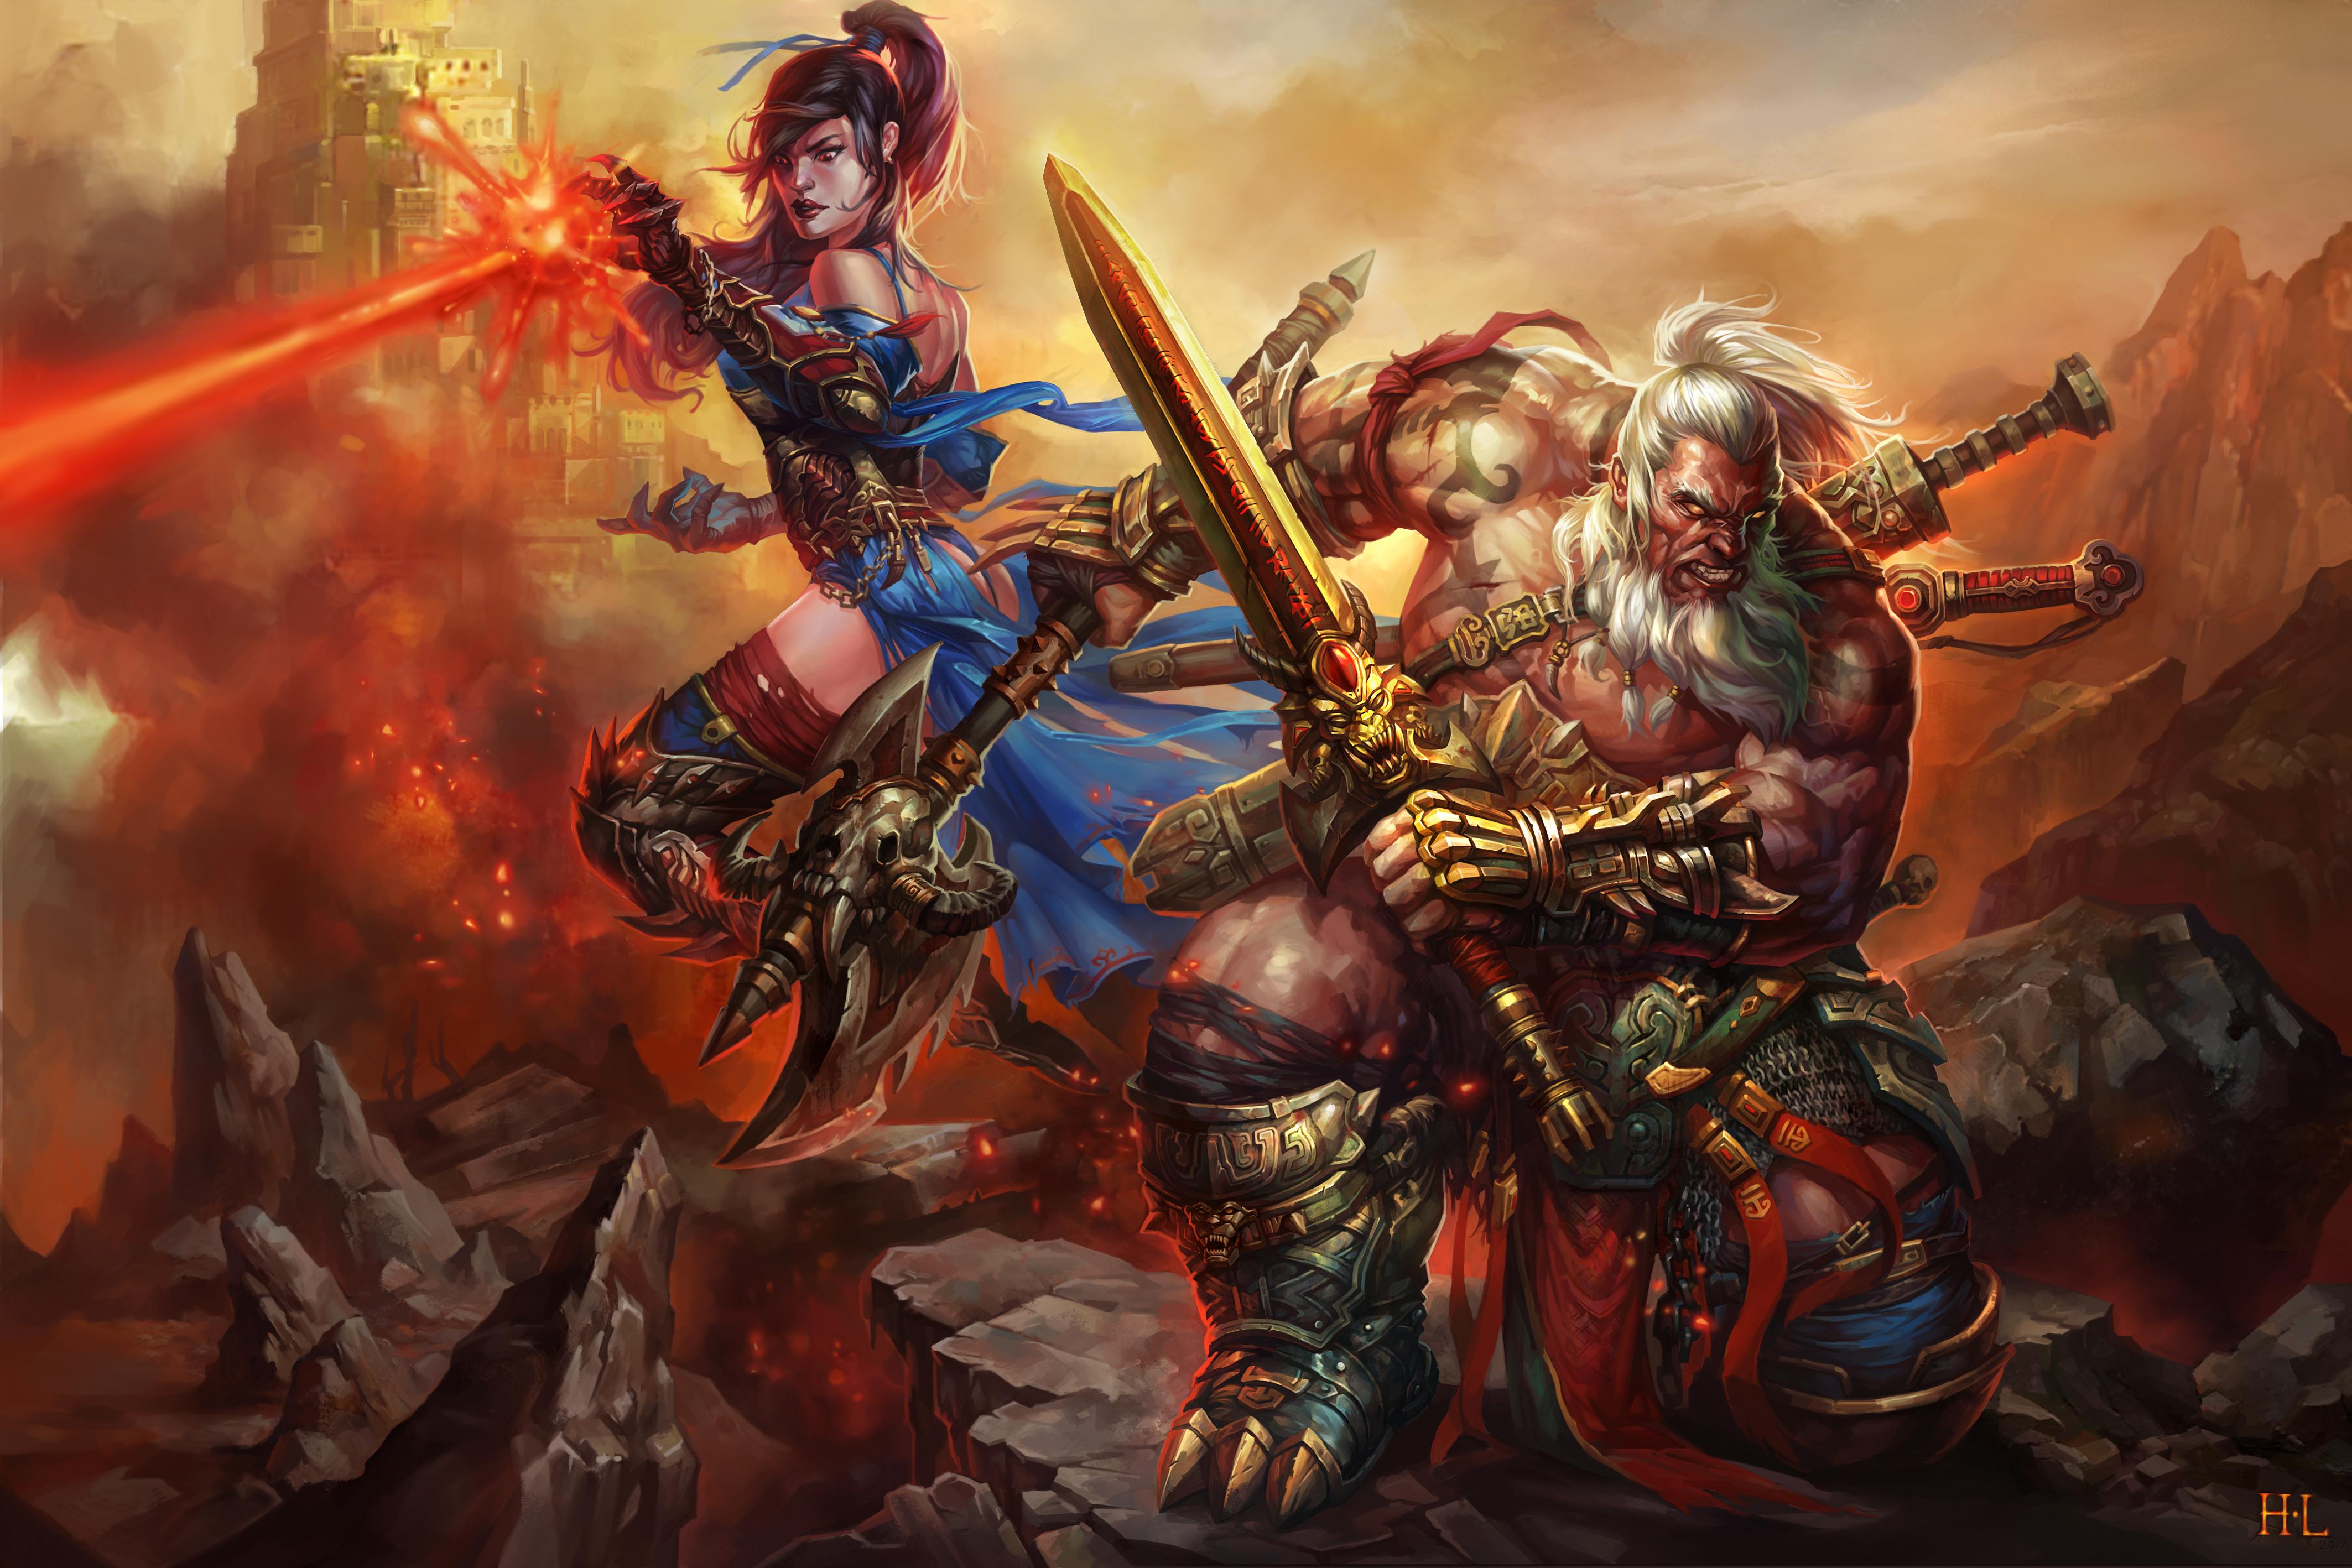 Diablo 3 Ros Wallpaper: Diablo III 4k Ultra HD Wallpaper